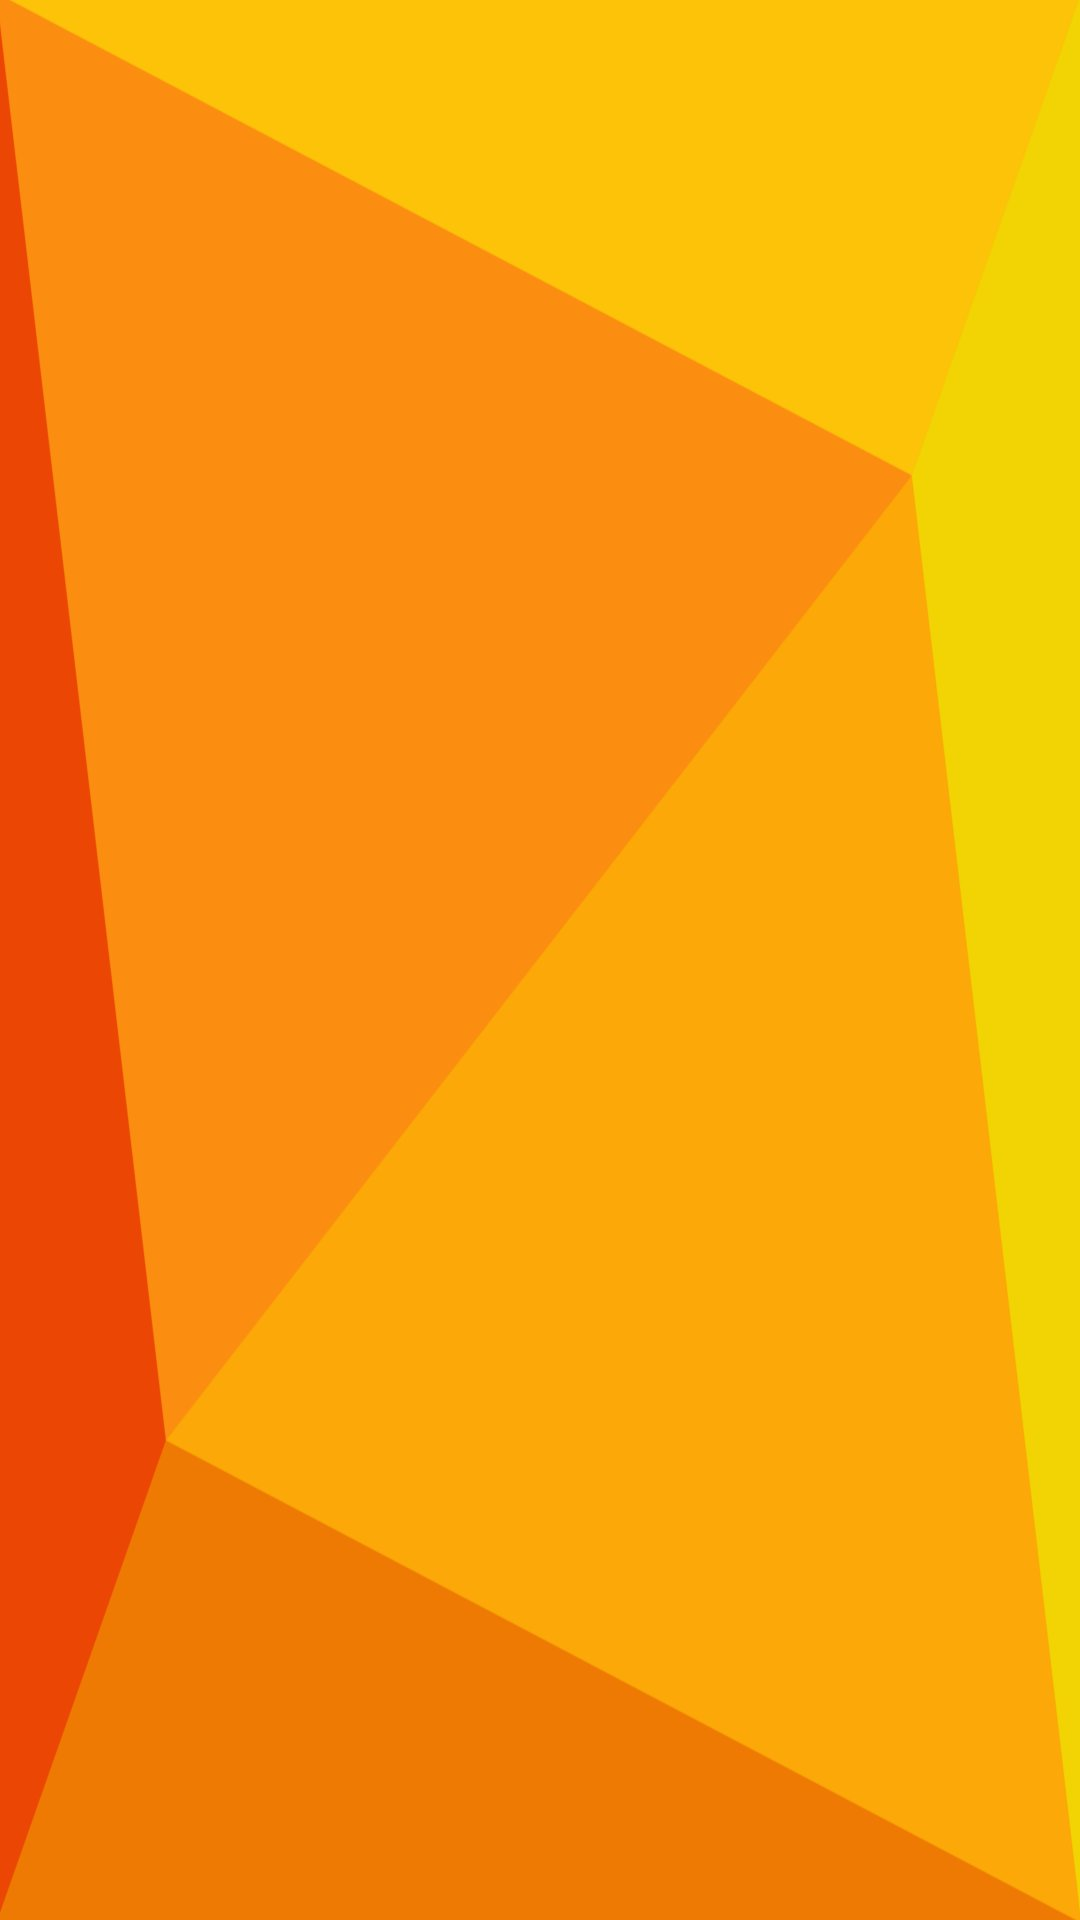 Simple Desktop Wallpapers [1080x1920] 1080x1920